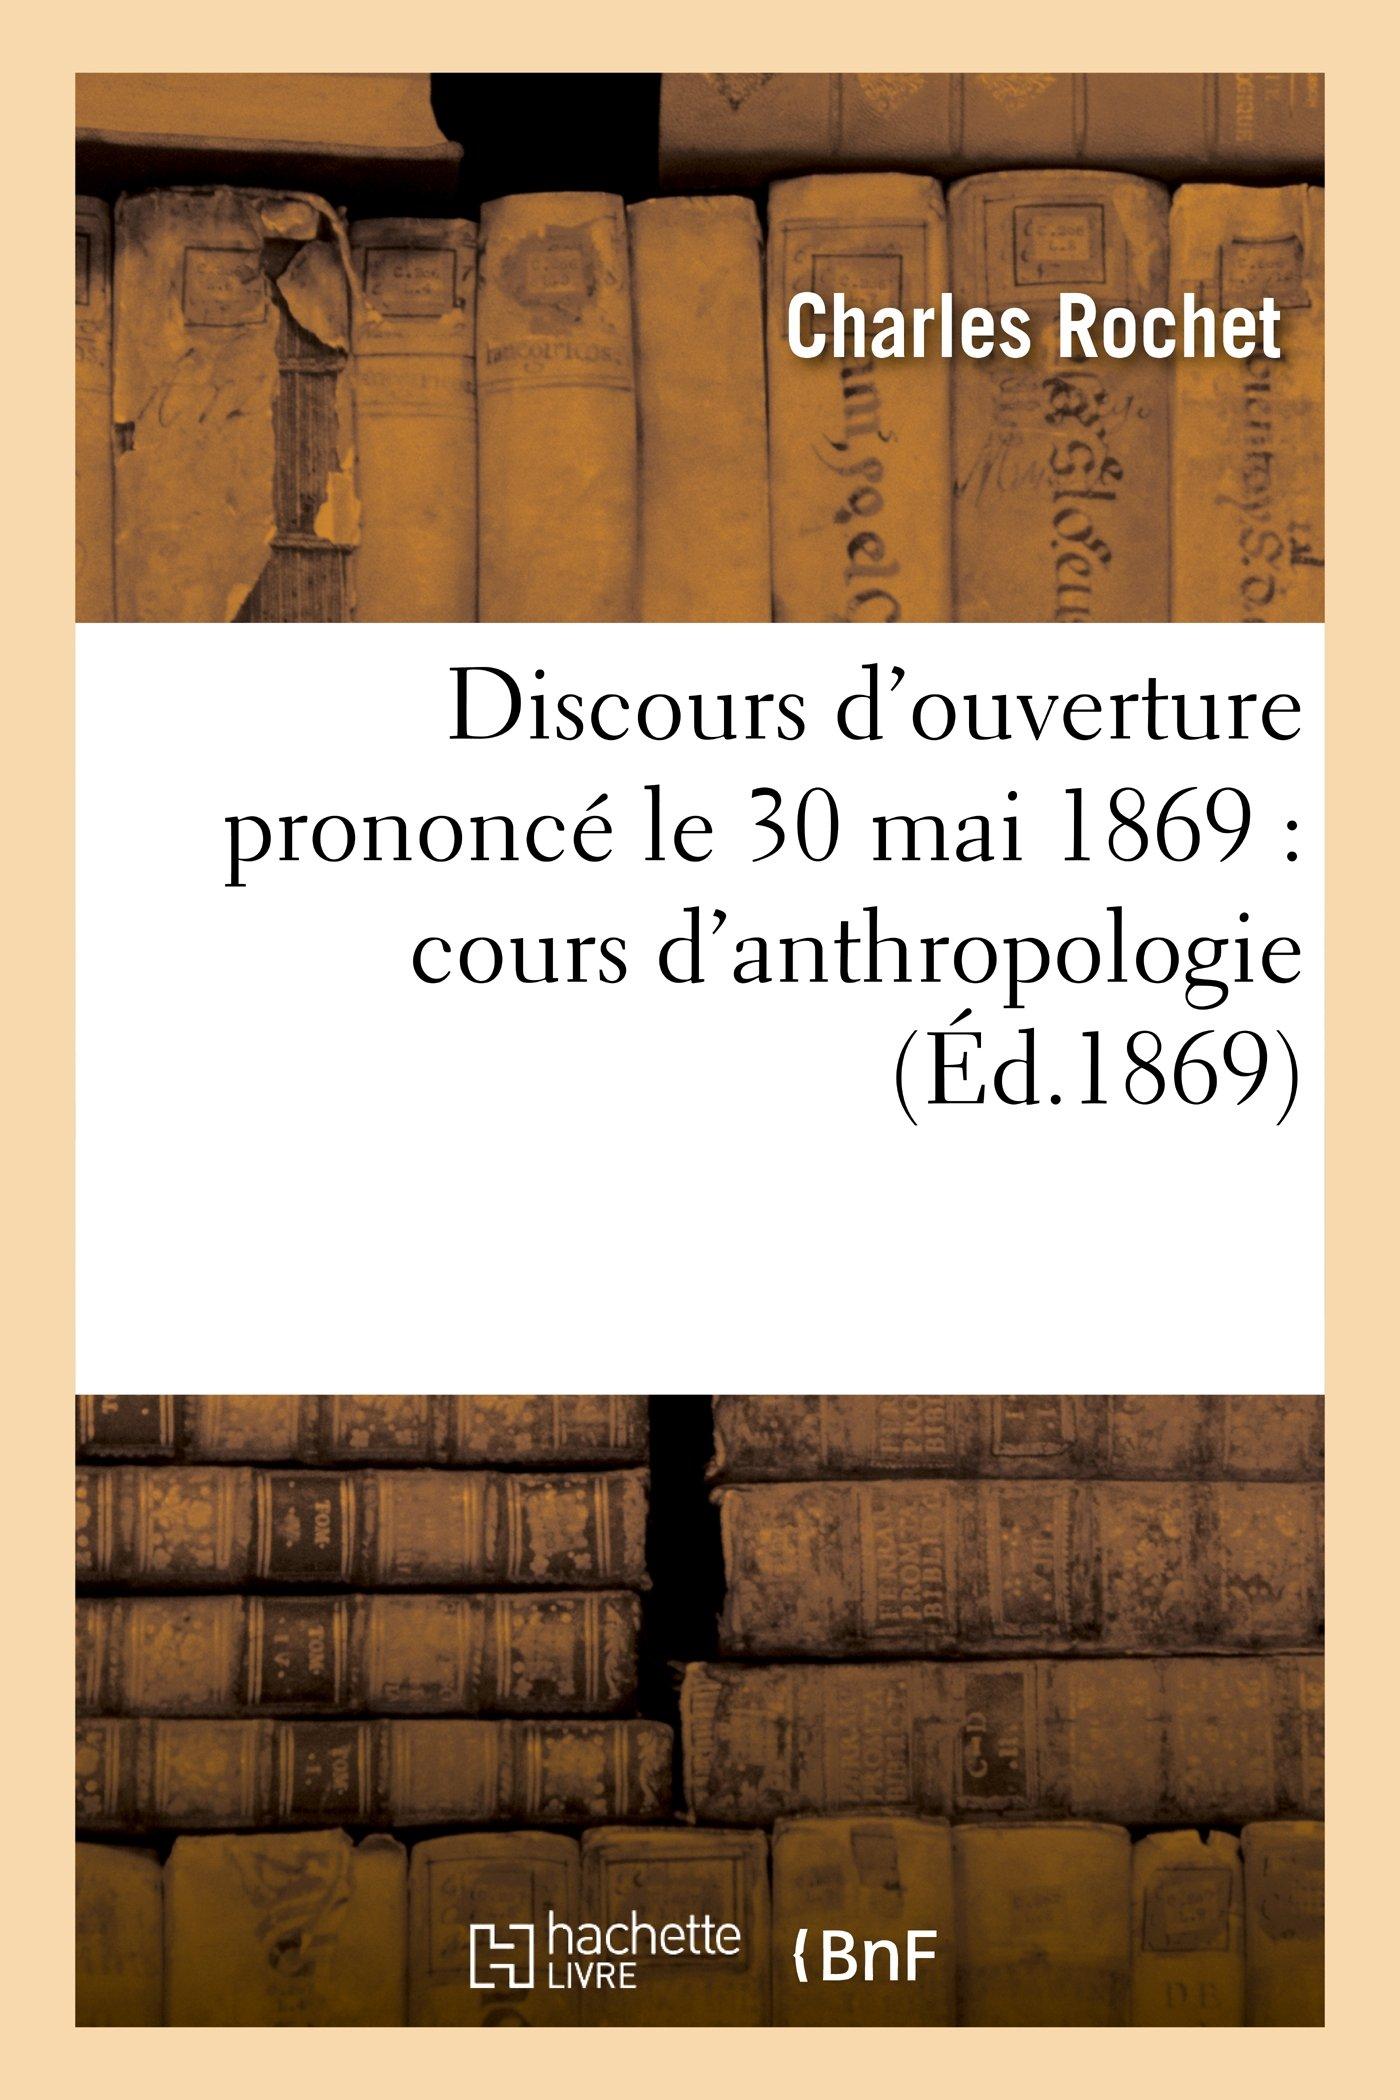 Download Discours D'Ouverture Prononce Le 30 Mai 1869: Cours D'Anthropologie Appliquee A L'Enseignement (Sciences Sociales) (French Edition) PDF